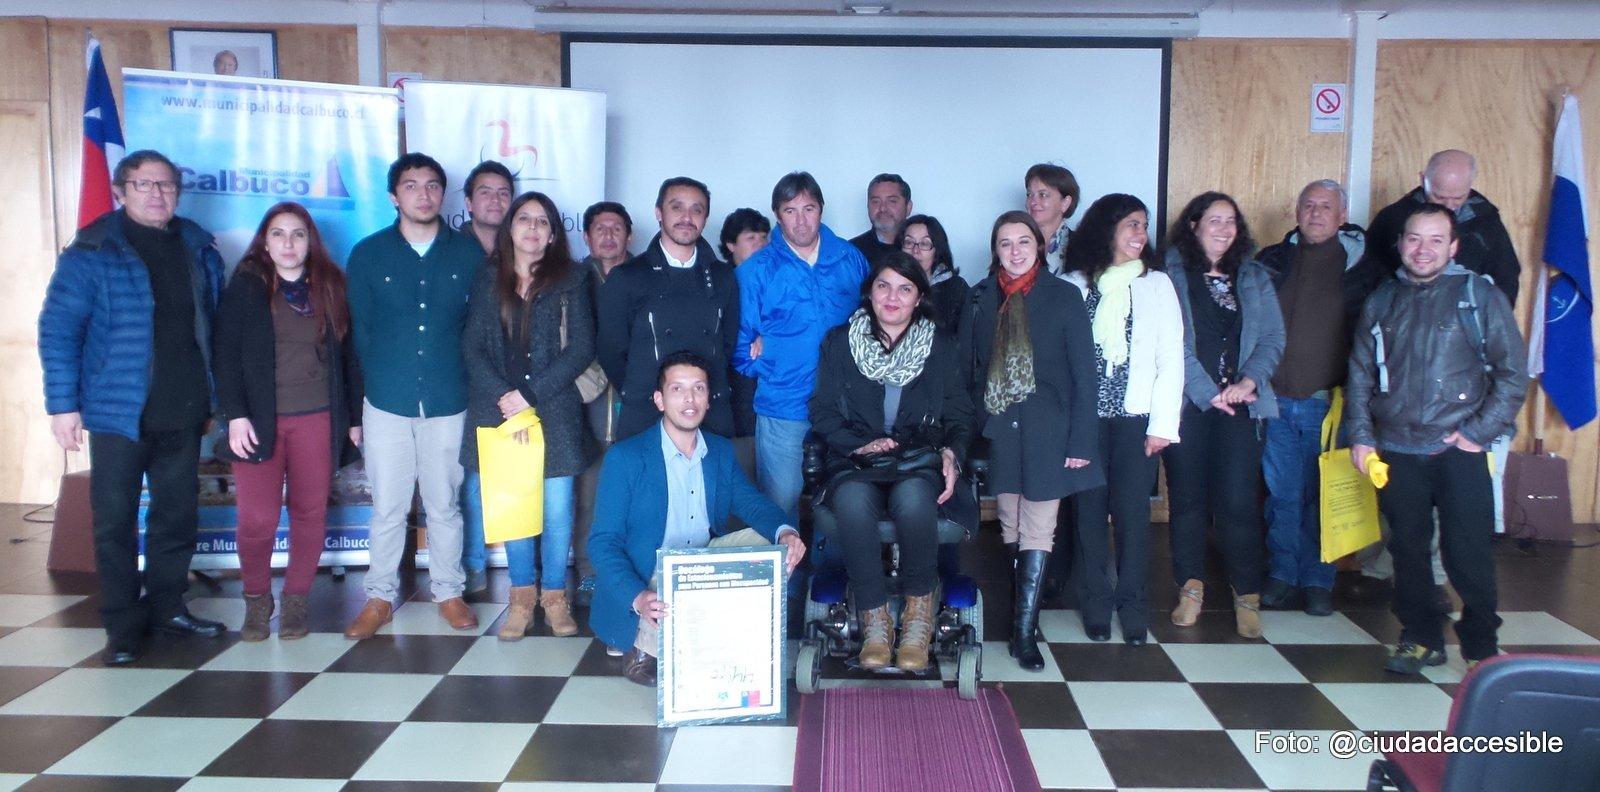 asistentes y organizadores encuentro accesibilidad universal calbuco